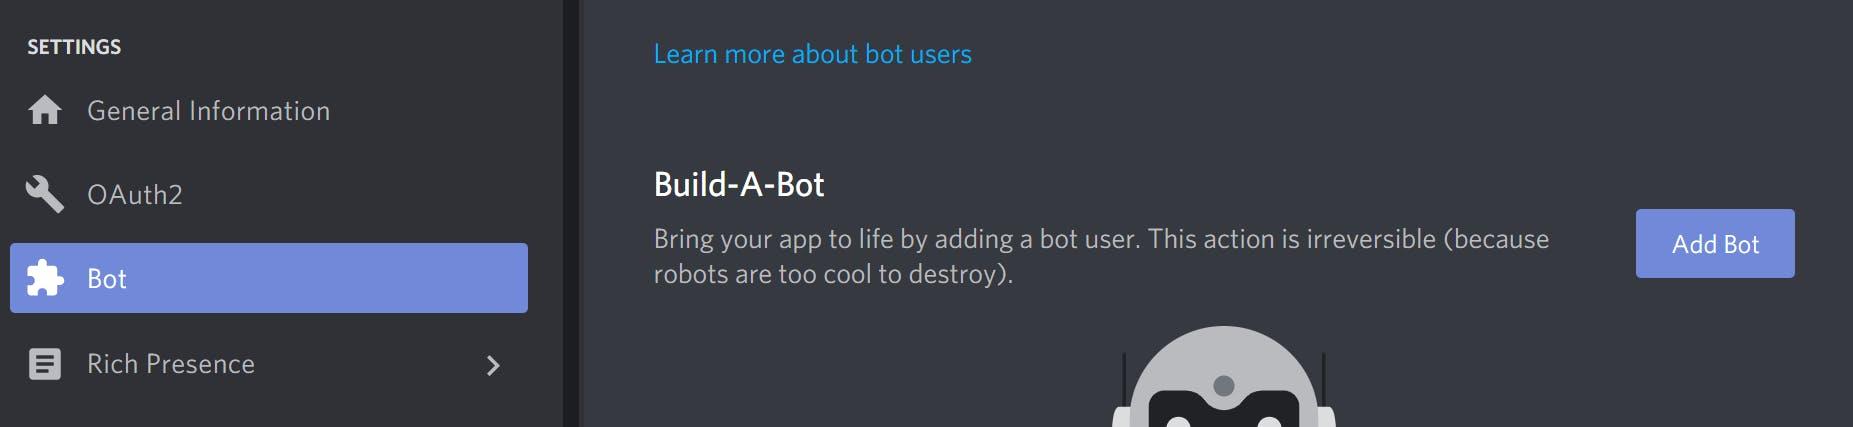 add-bot